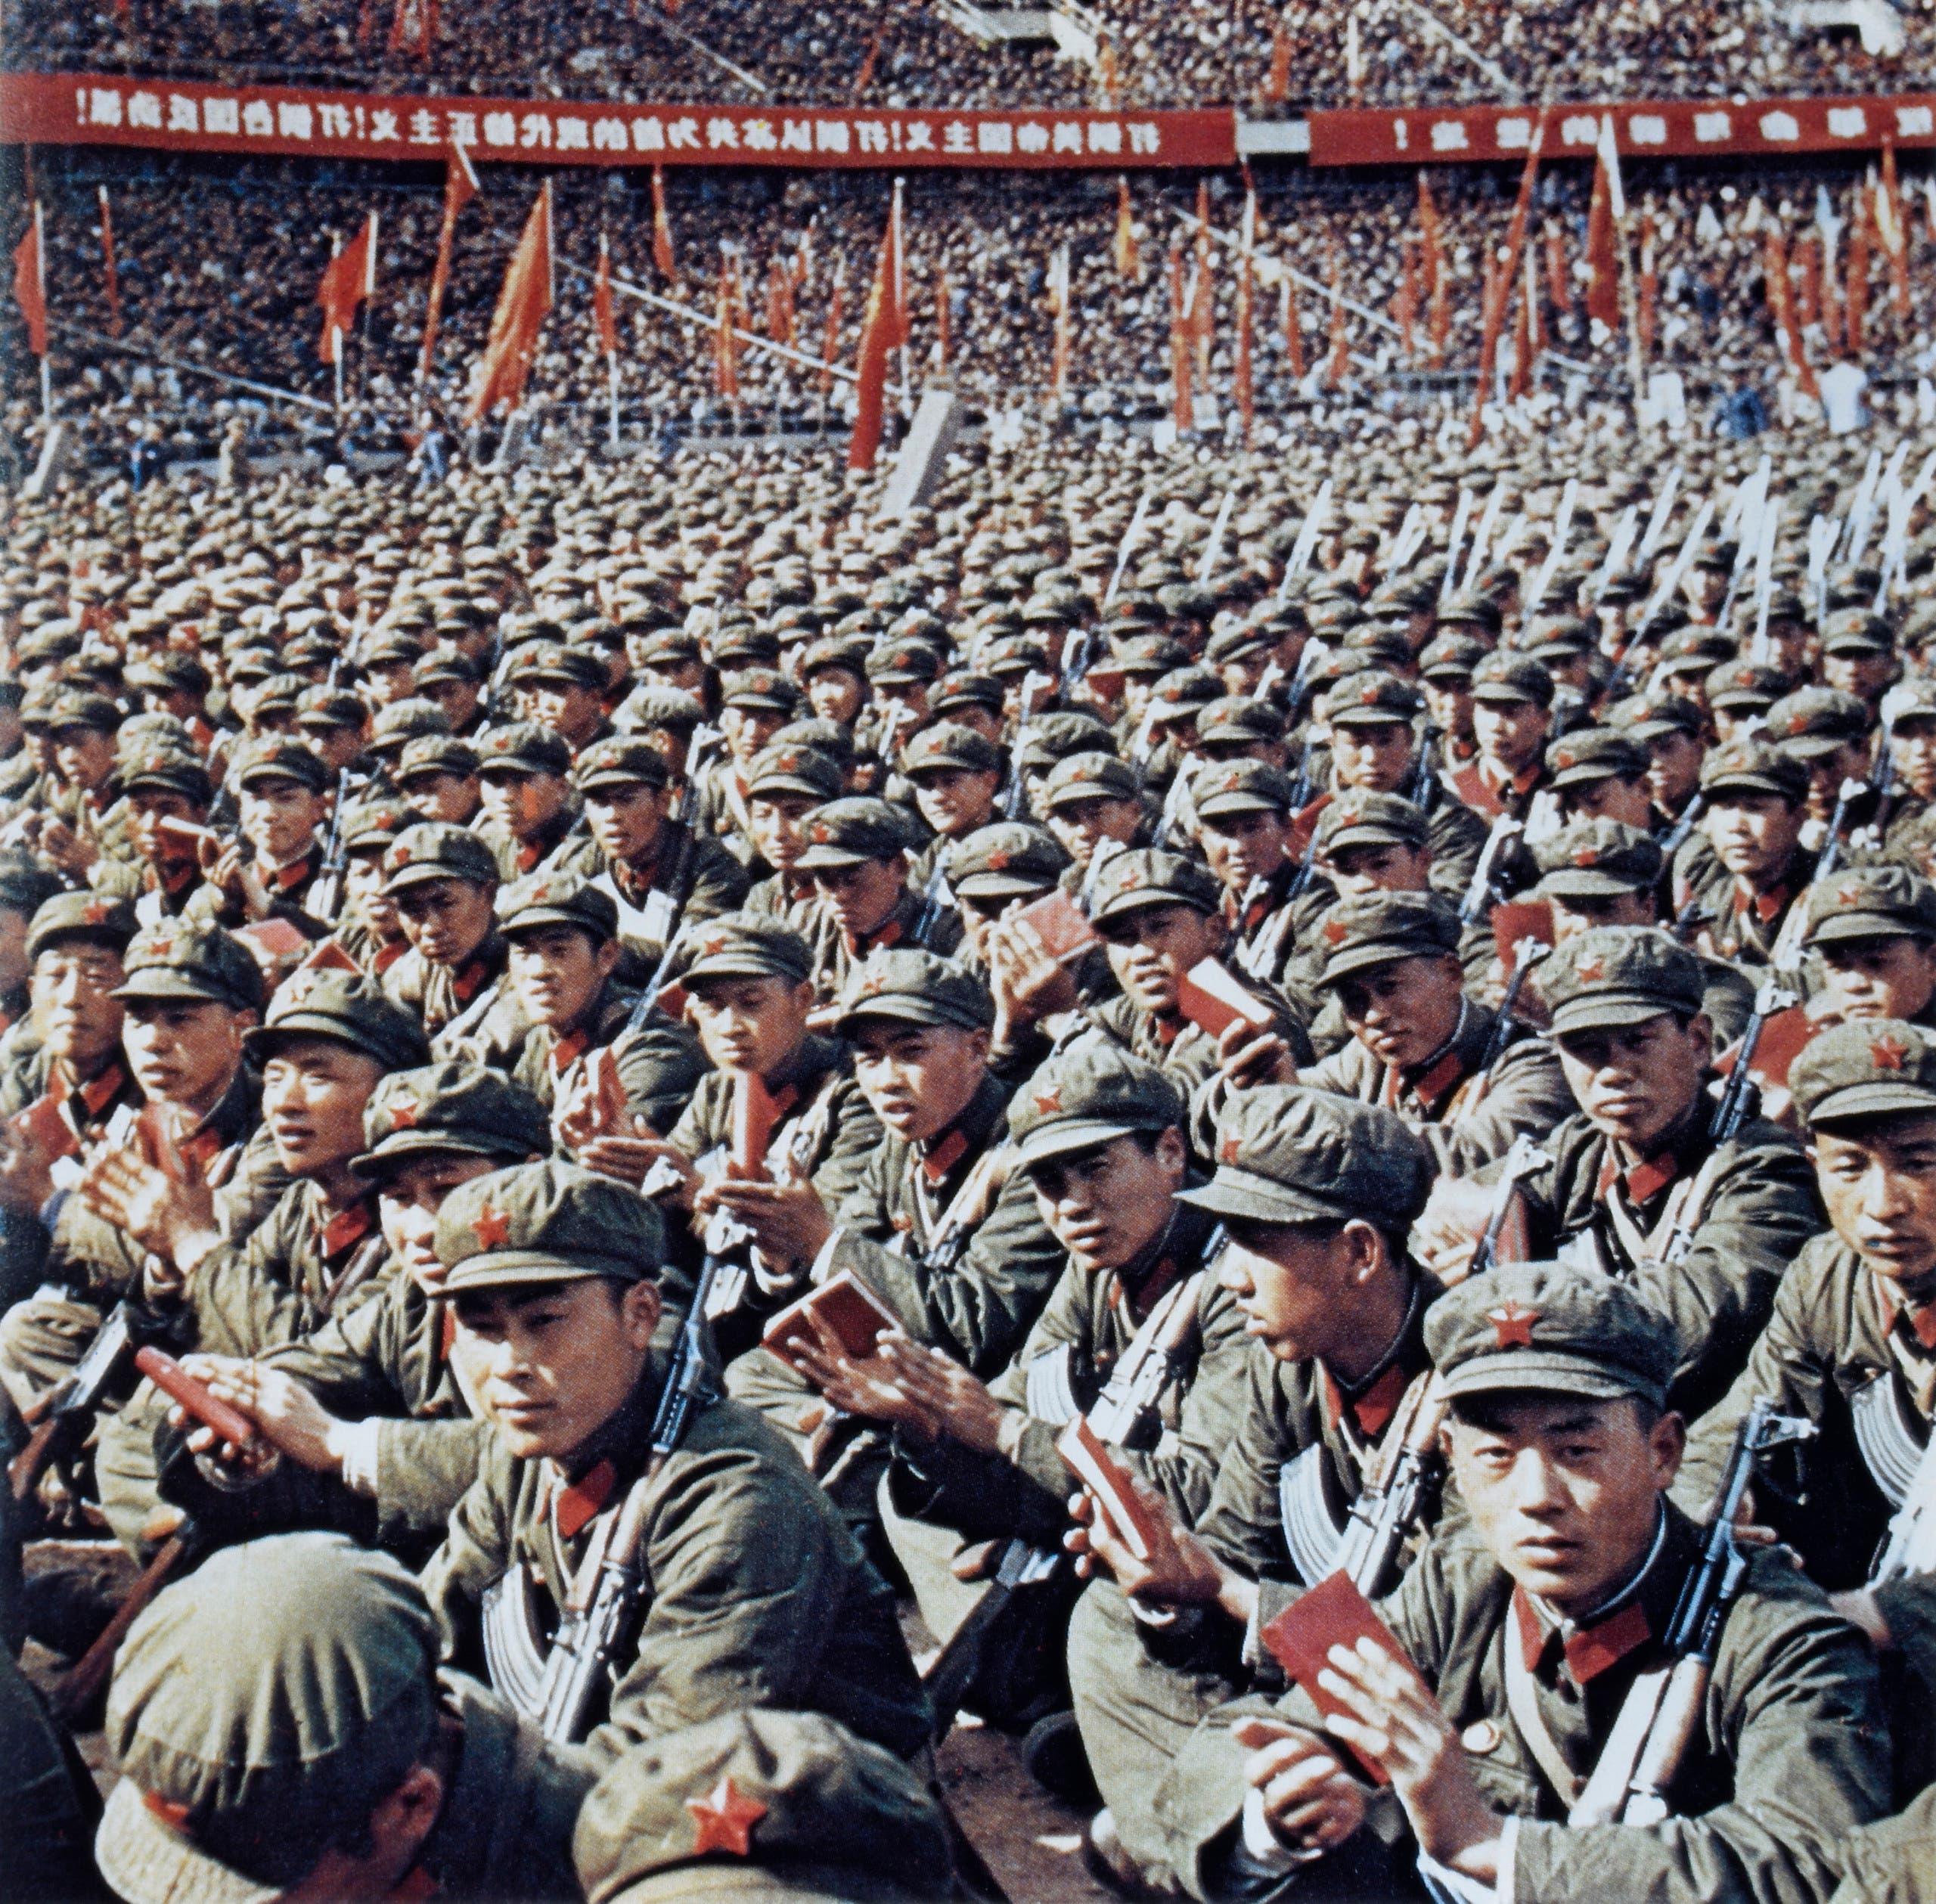 جانب من المتعصبين لأفكار ماو تسي تونغ بالصين